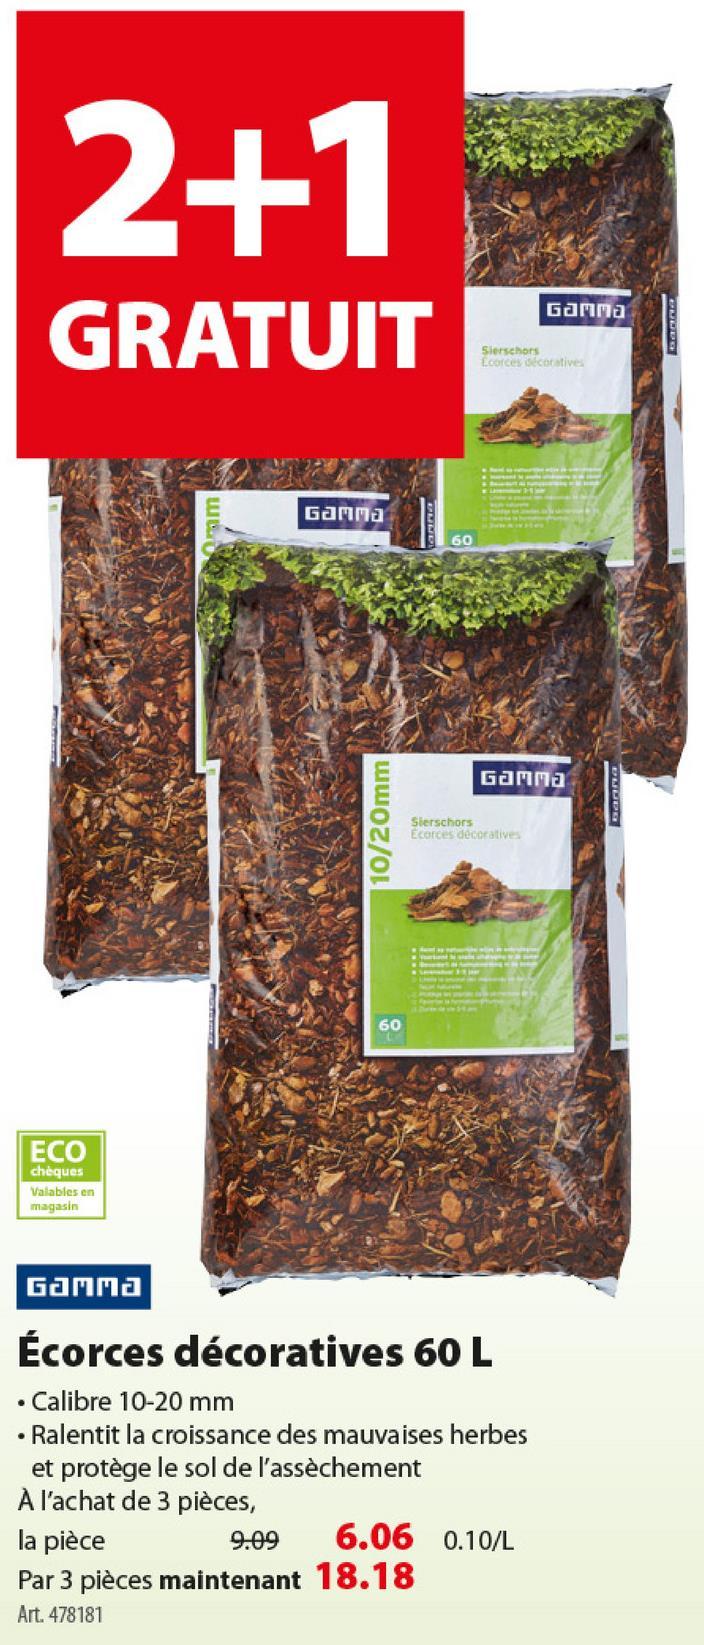 Écorces décoratives GAMMA 60 L L'écorce décorative est une manière multifonction pour recouvrir la surface d'un sentier ou d'un parterre de fleurs que vous ne voulez pas passer des heures à entretenir. L'écorce prévient l'assèchement du sol en été et repousse les mauvaises herbes. L'écorce a une longue durée de vie et peut recouvrir votre sol jusqu'à cinq ans. Pour les commandes par palette, vous profiterez en plus de 10% d'avantage palette!